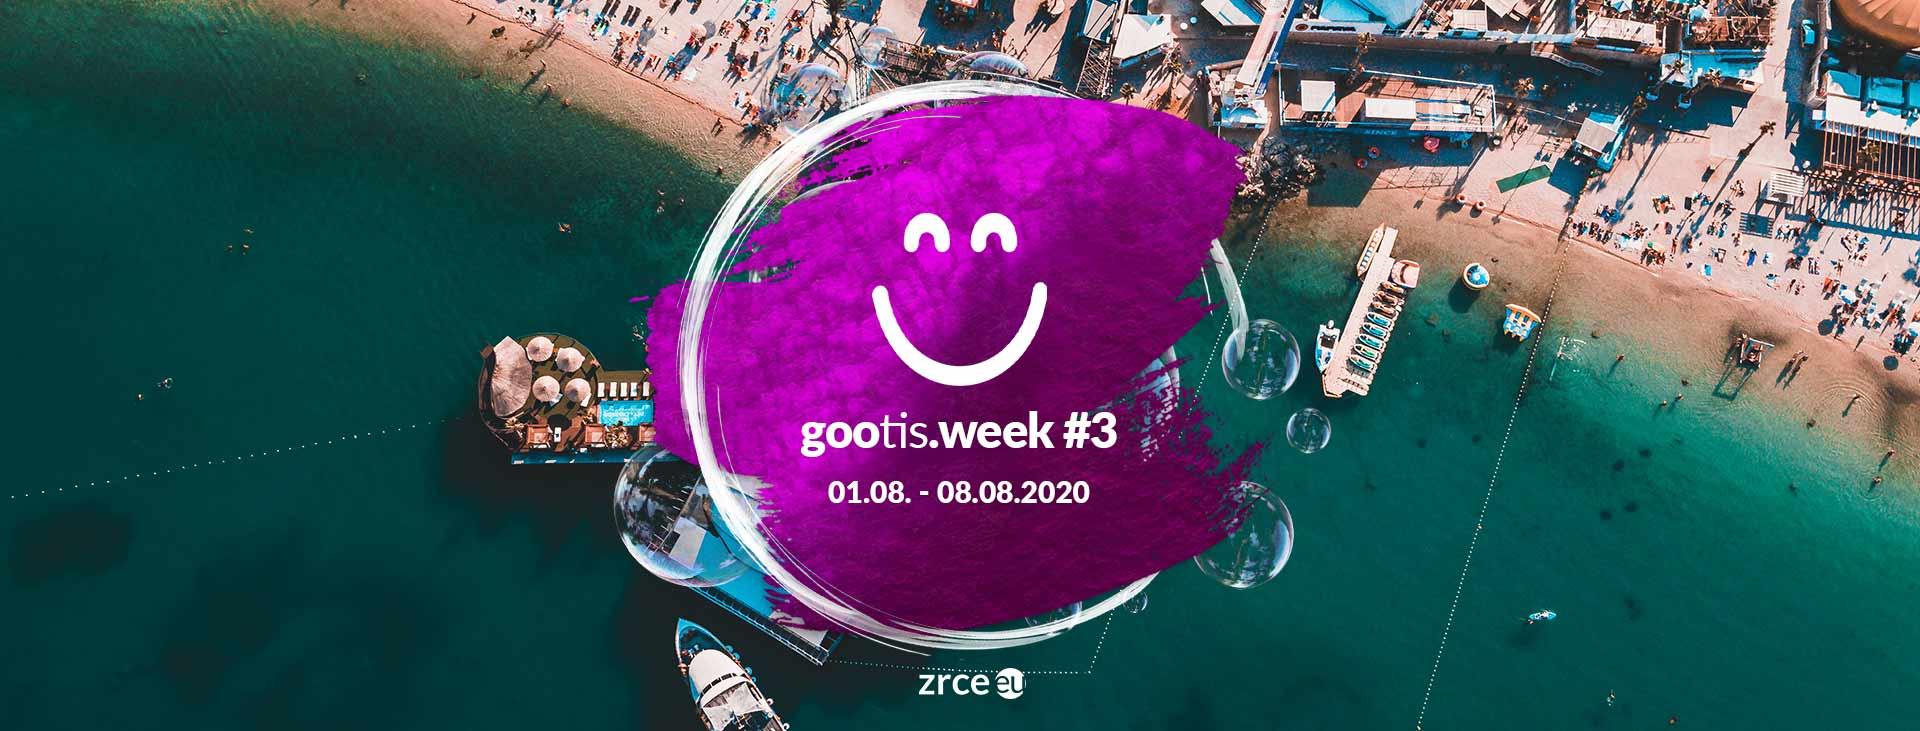 gootis.week #3